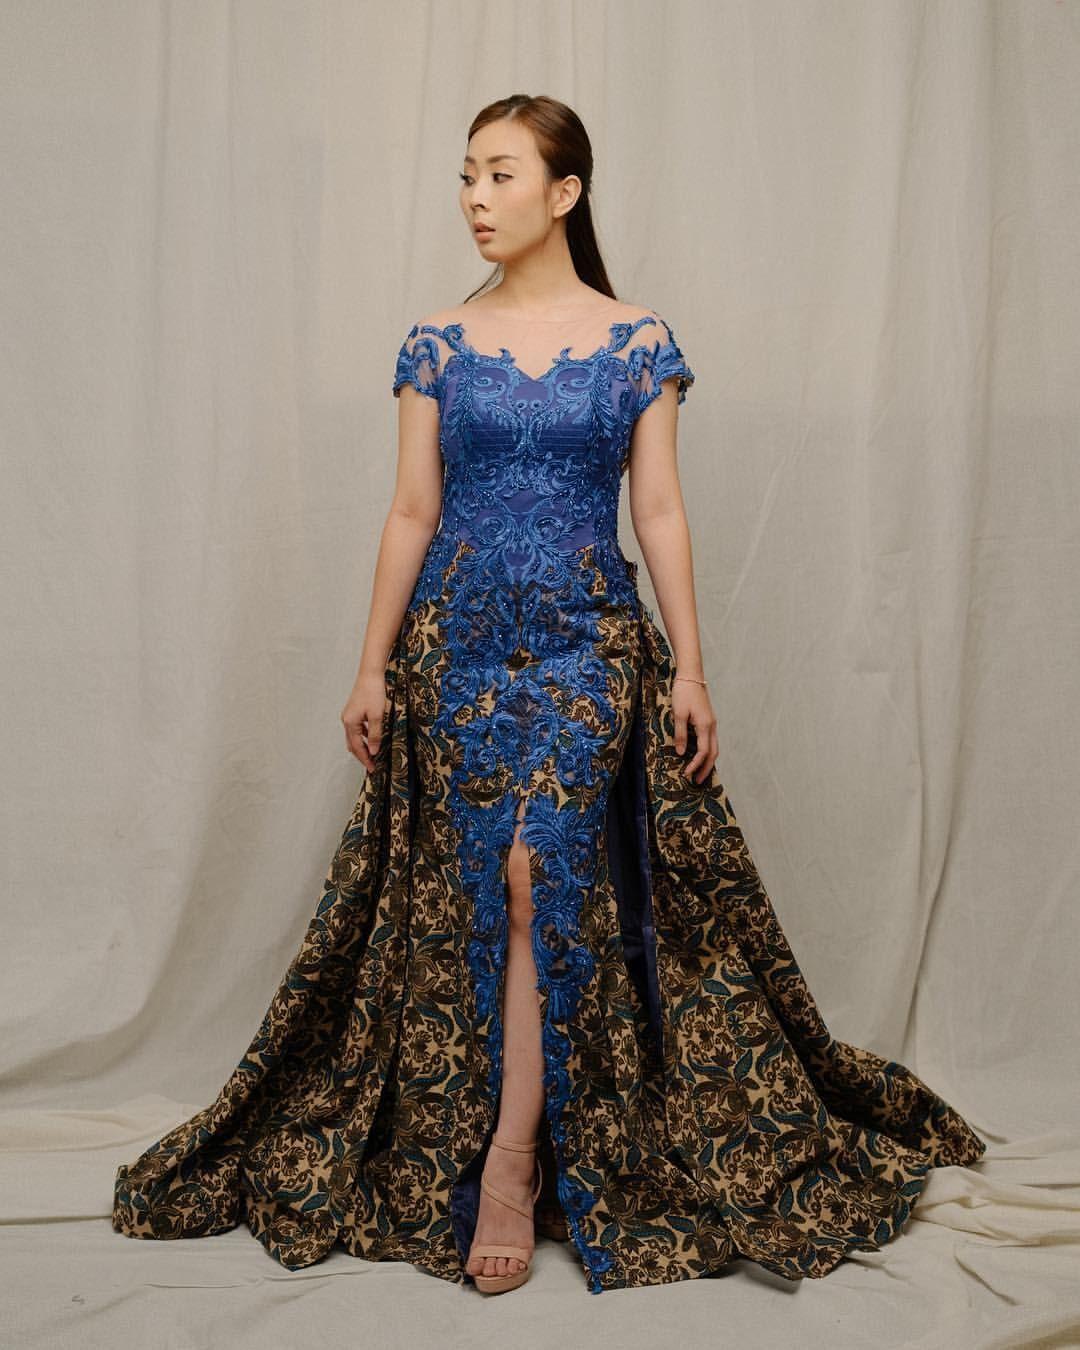 Wedding Gown Surabaya: Keep On Dreaming 💙💙 In 2019